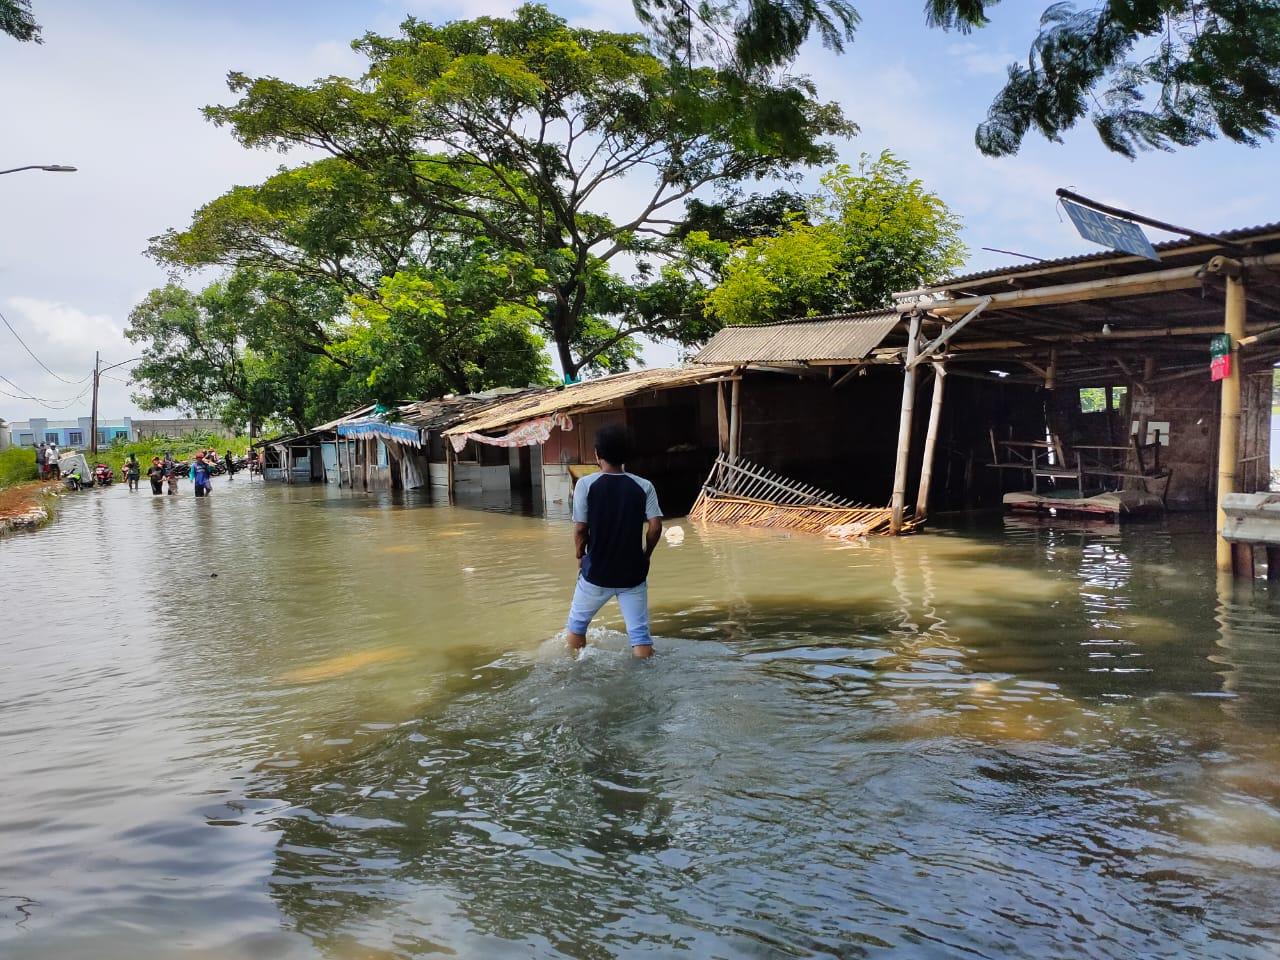 Suasana jalan menuju Perumahan Total Persada di Kelurahan Gembor, Kecamatan Periuk, Kota Tangerang masih terendam banjir, Senin (22/02/2021).